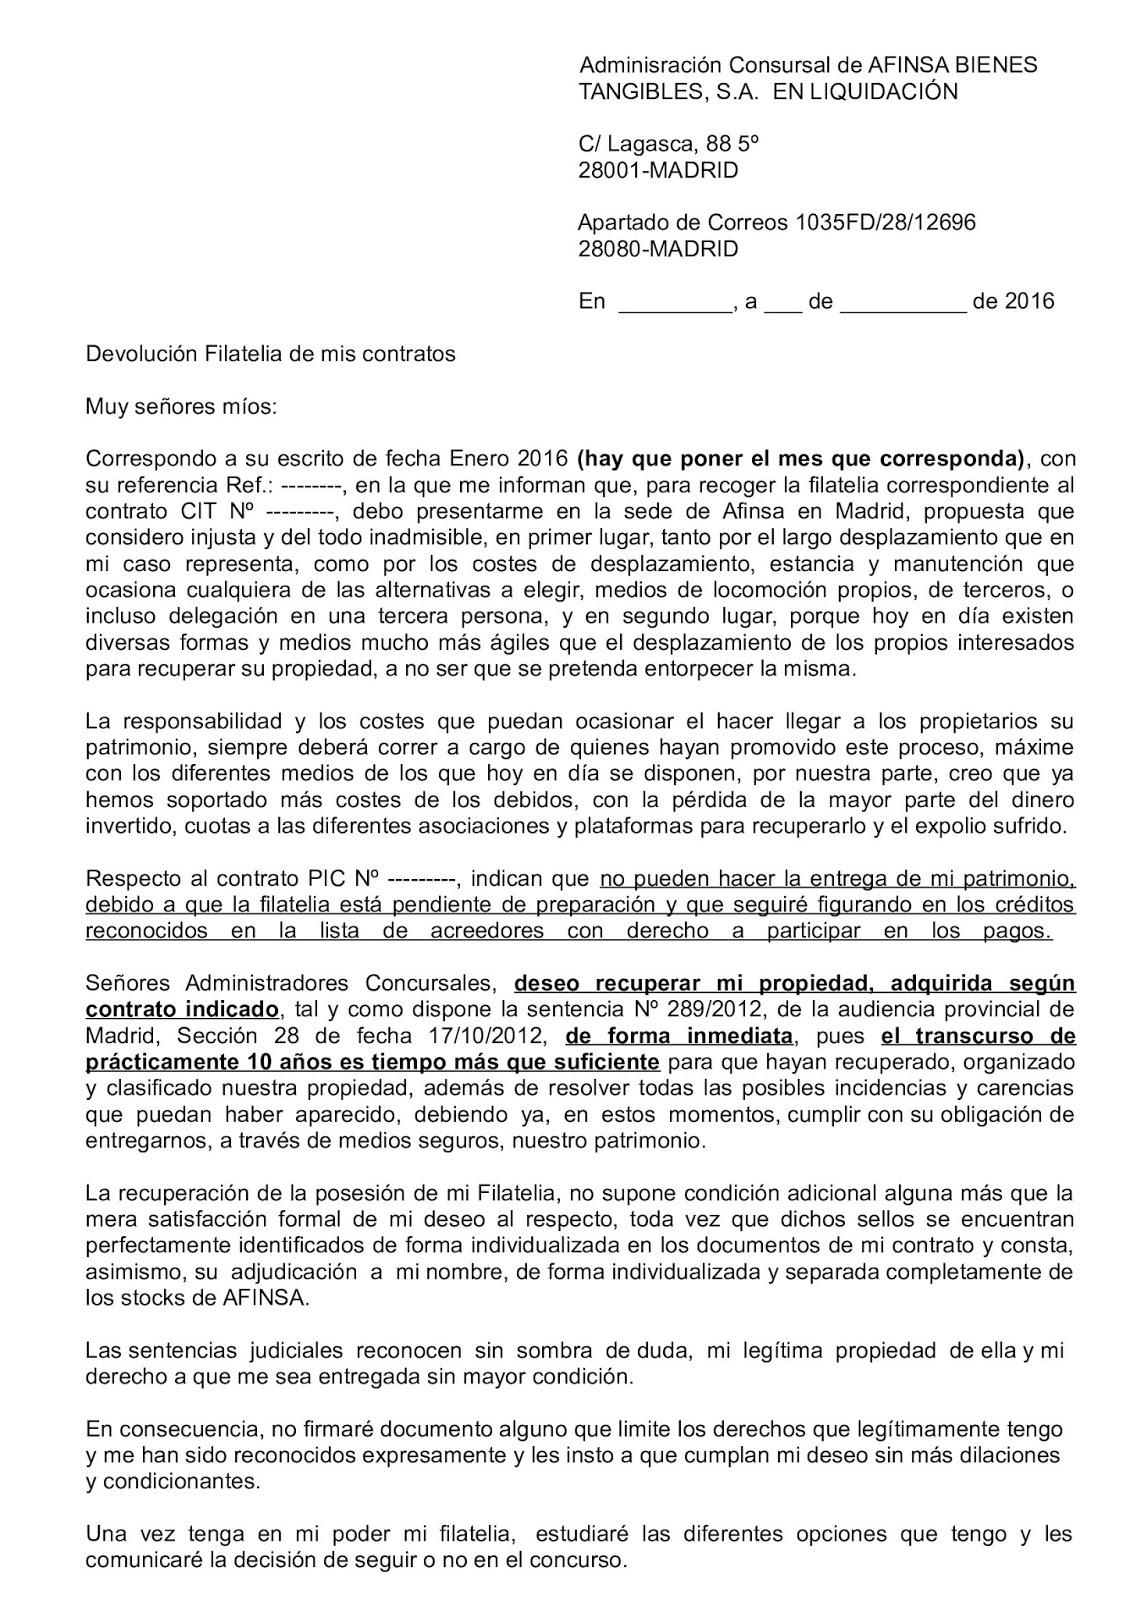 NUEVO MODELO CARTA A LOS AACC DE AFINSA, CONTESTACIÓN A LA RETIRADA ...